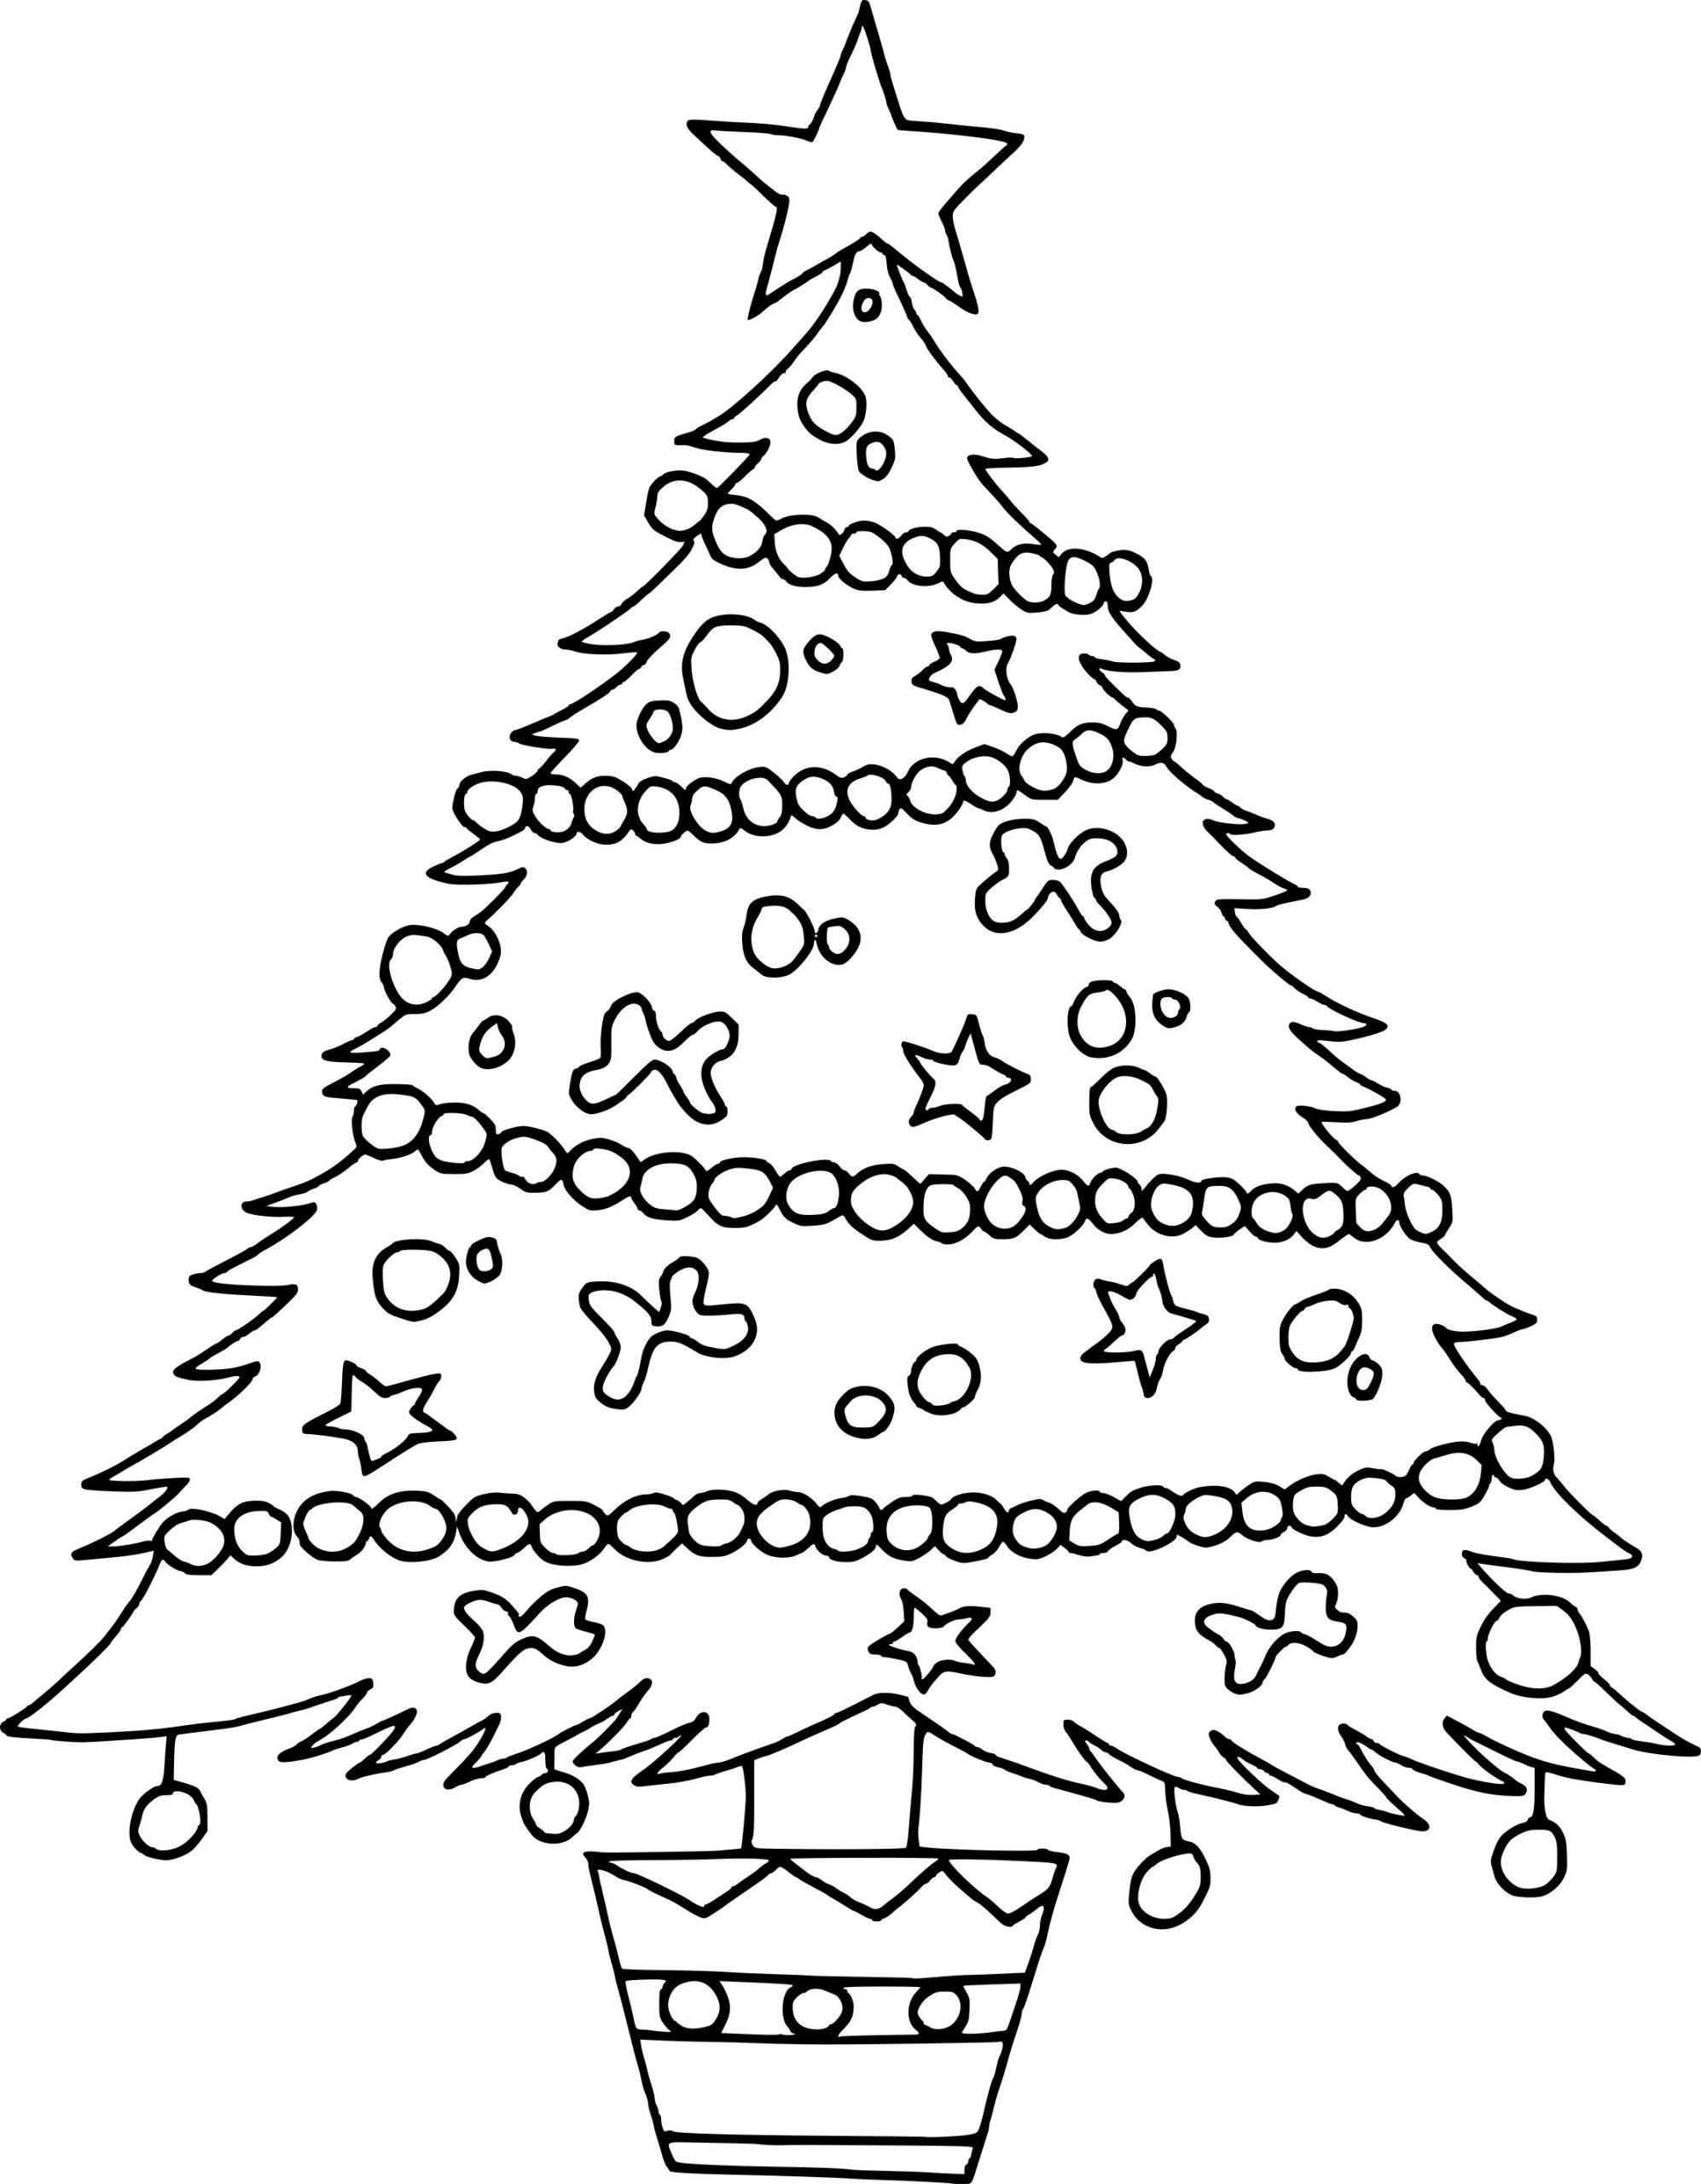 Coloriage Sapin De Noël 2017 À Imprimer Sur Coloriages tout Coloriage De Sapin De Noel A Imprimer Gratuit